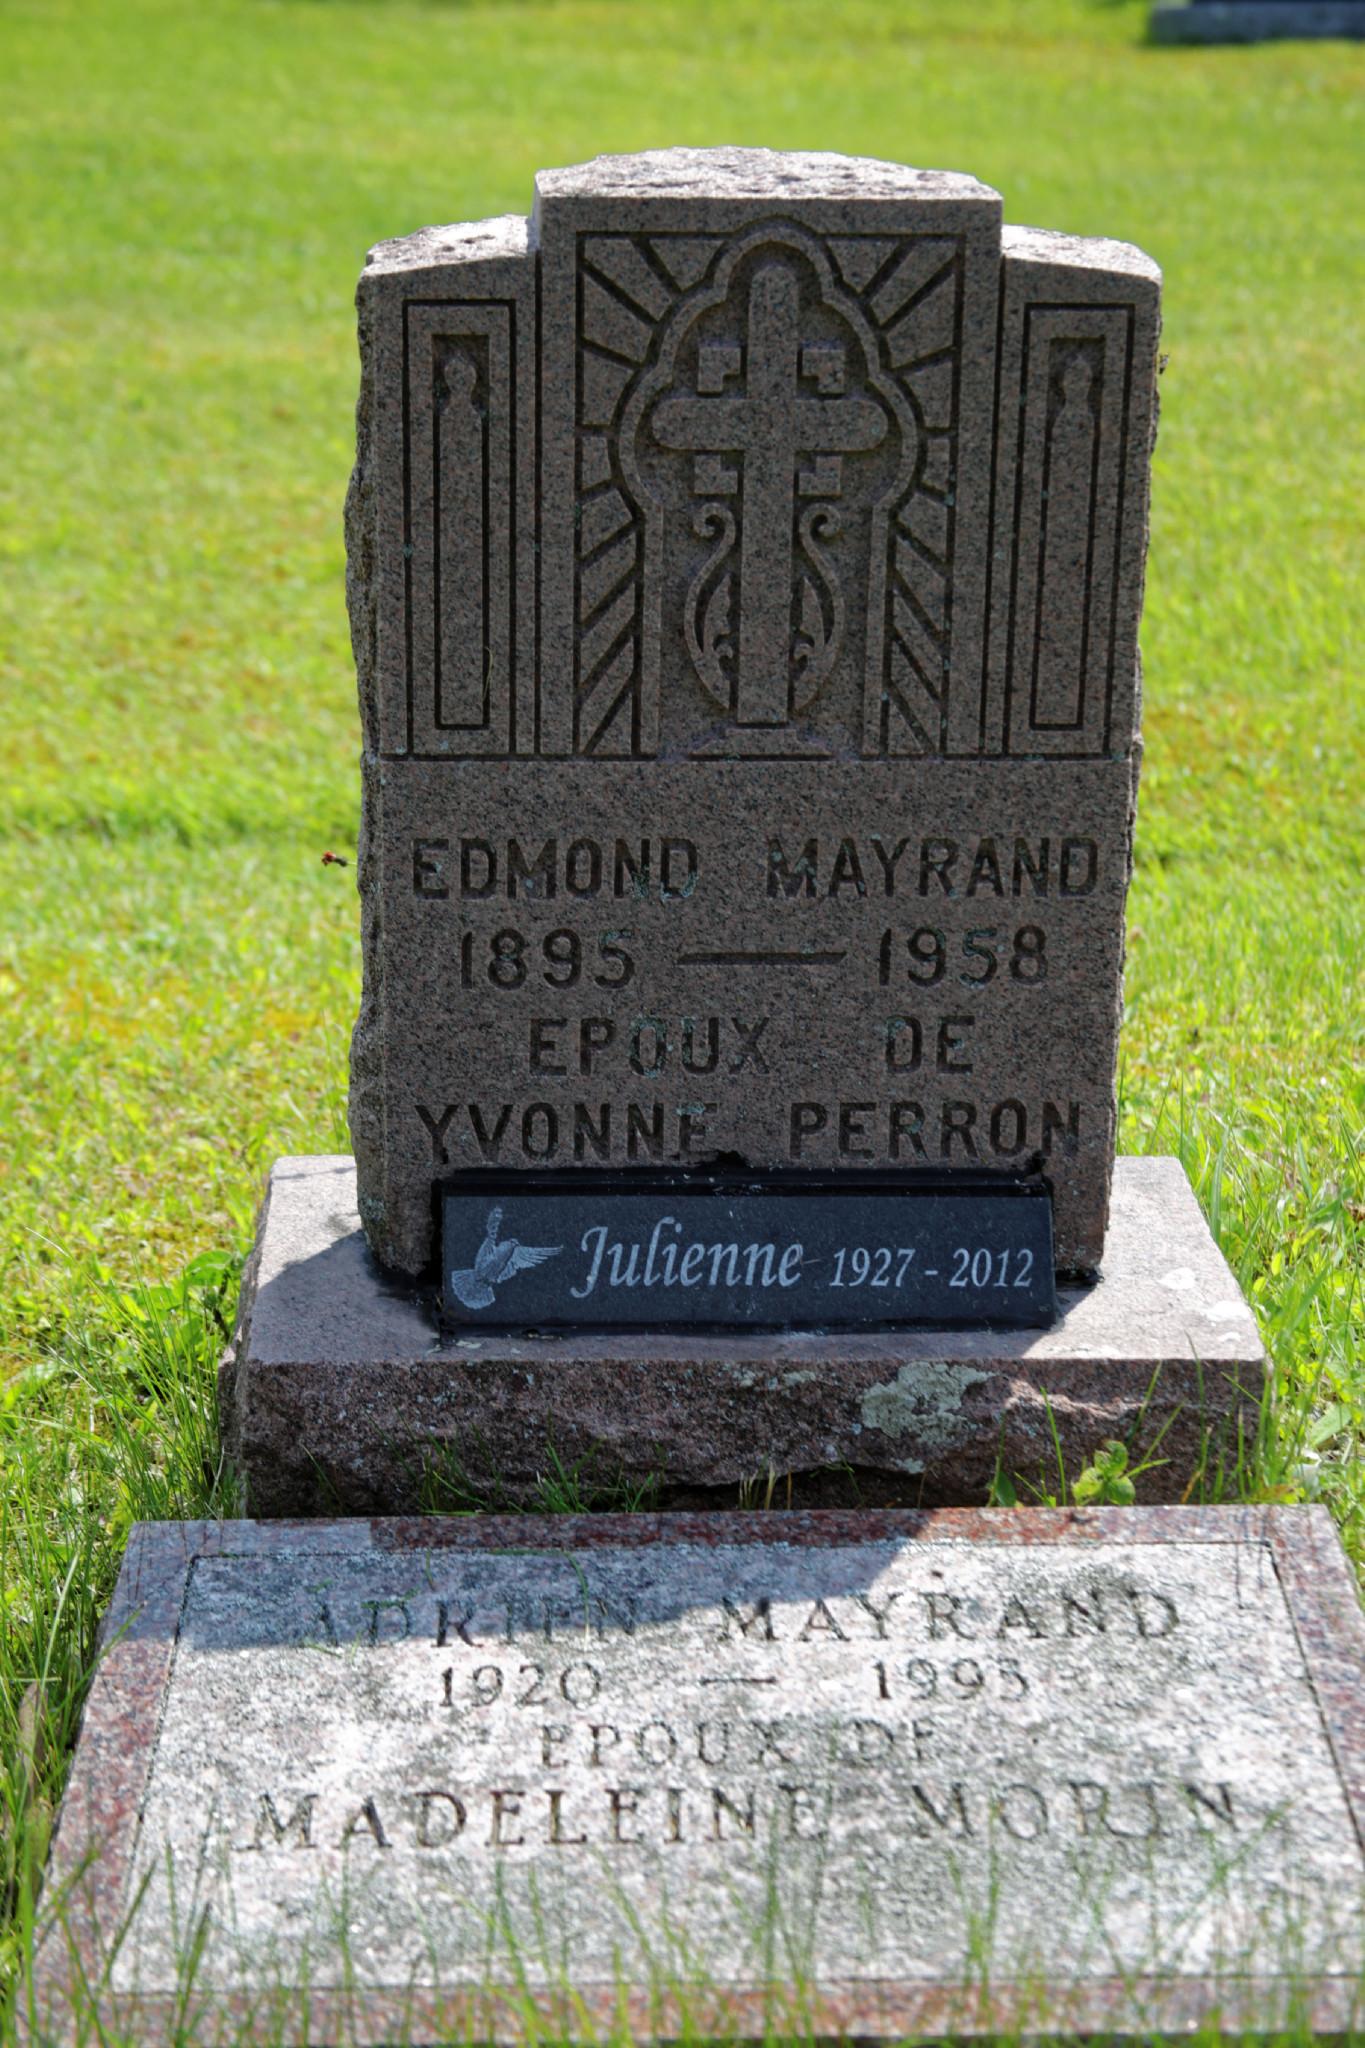 Edmond Mayrand